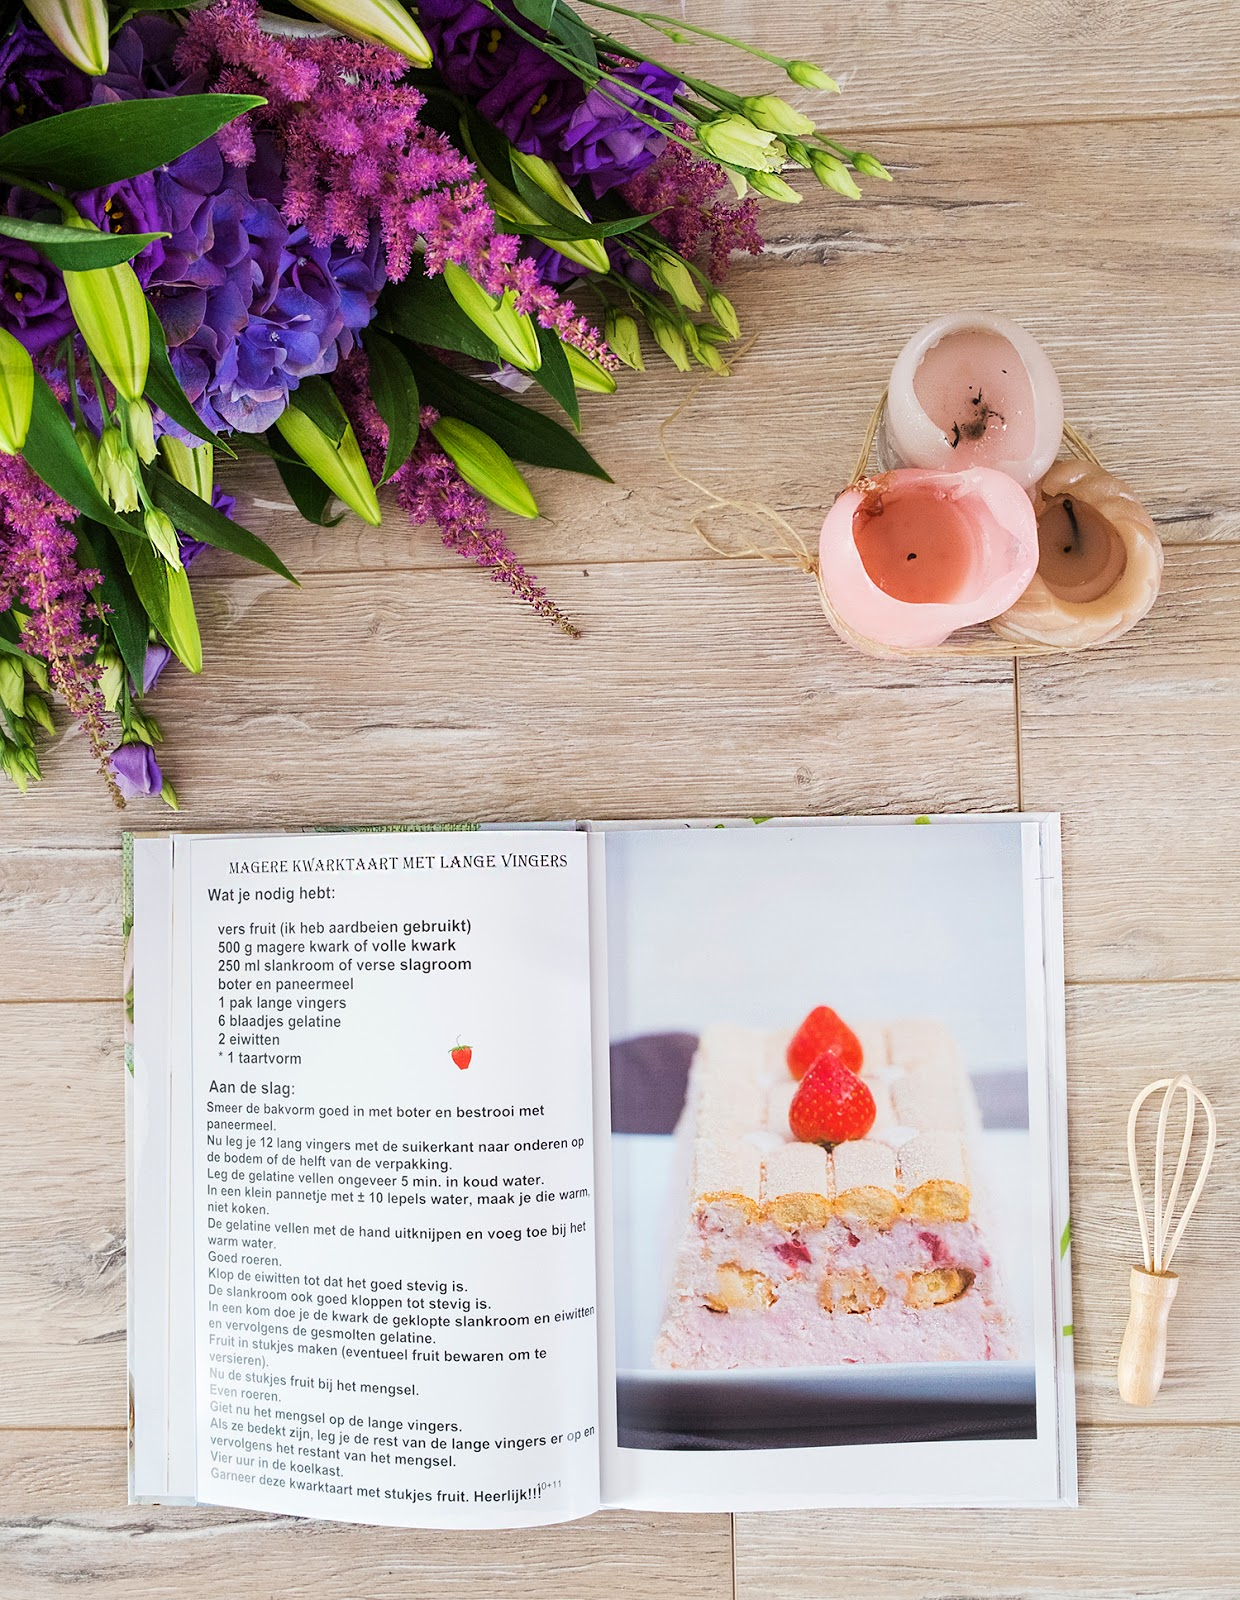 Verbazingwekkend Hoe maak je zelf een kookboek - Persoonlijk – ElsaRblog BE-09